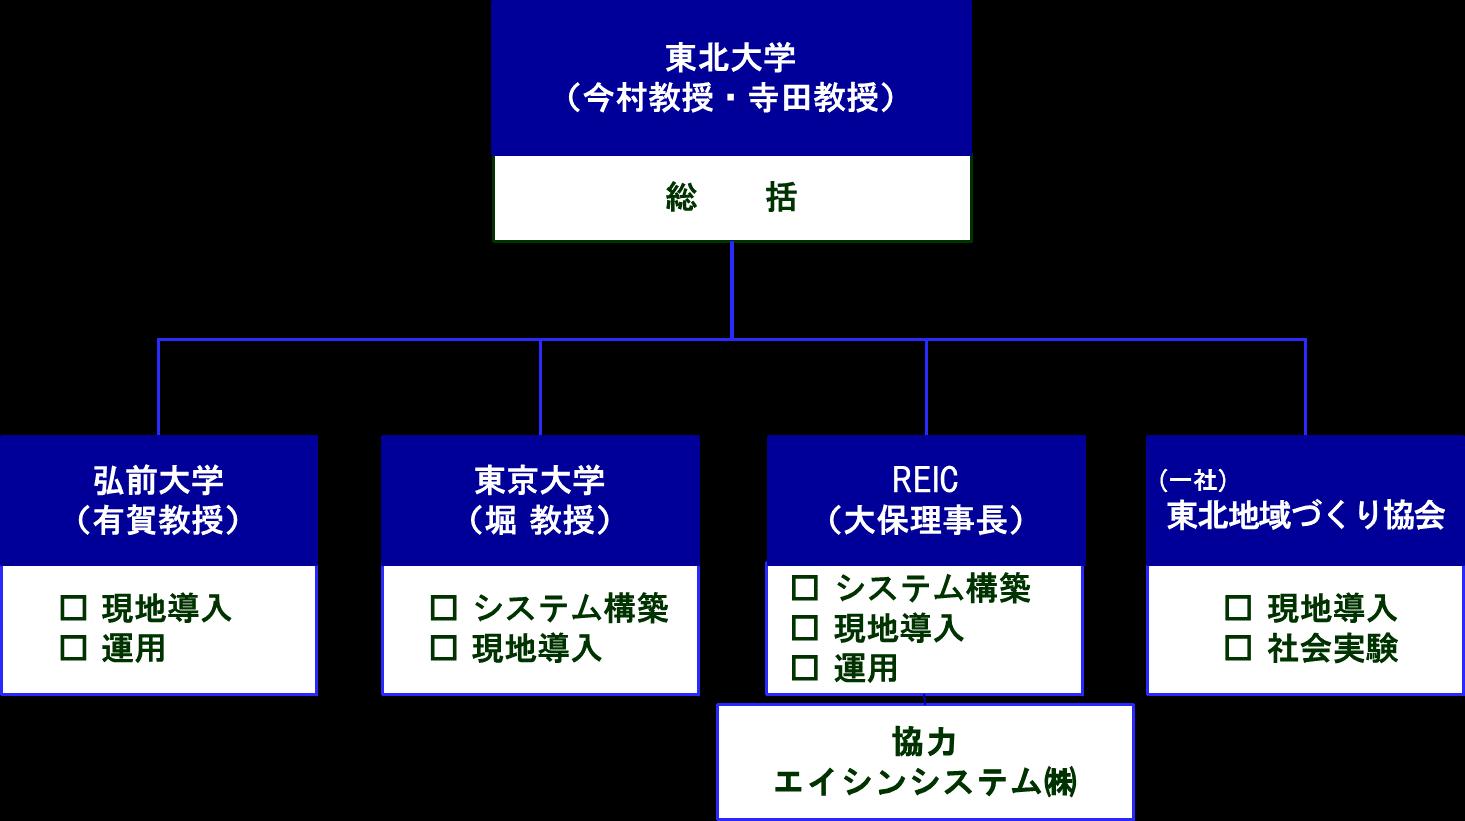 緊急津波避難情報システムの開発体制